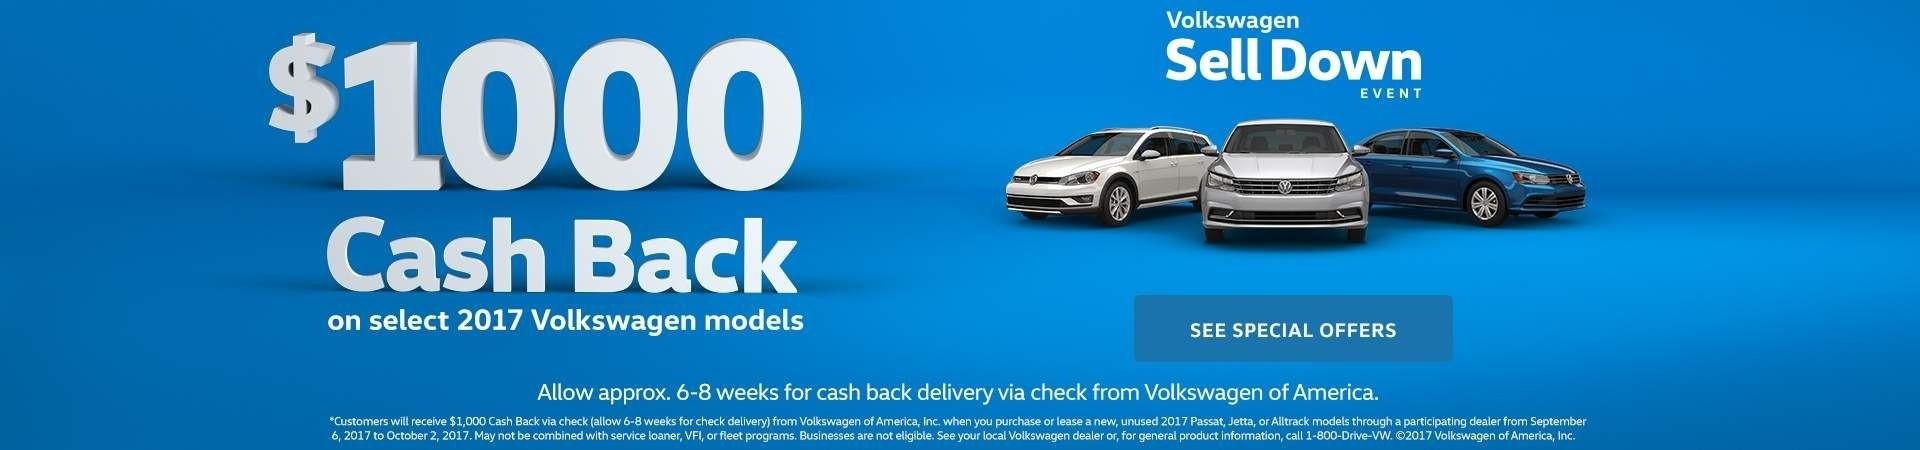 VW_SellDown-91317_1920x450_o